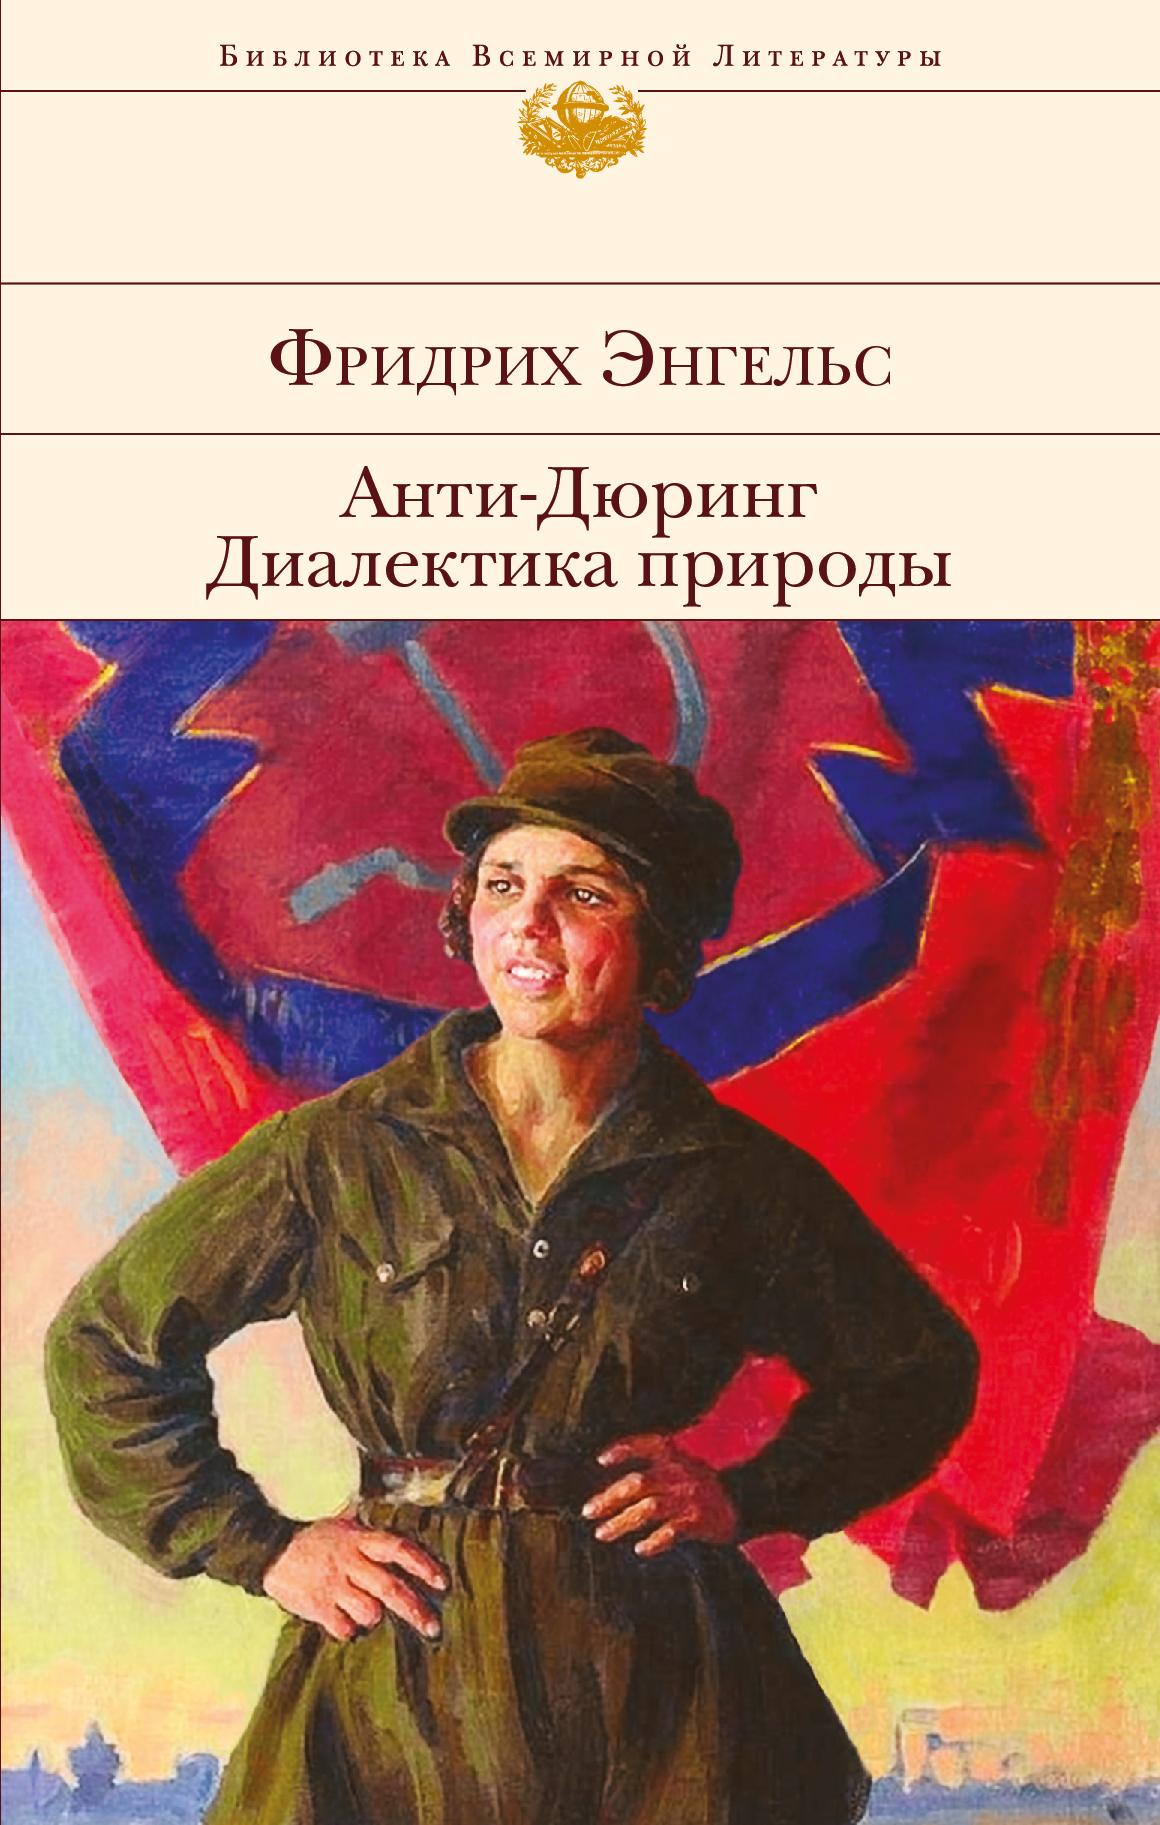 Энгельс Фридрих Анти-Дюринг. Диалектика природы ISBN: 978-5-699-94737-9 е дюринг ценность жизни